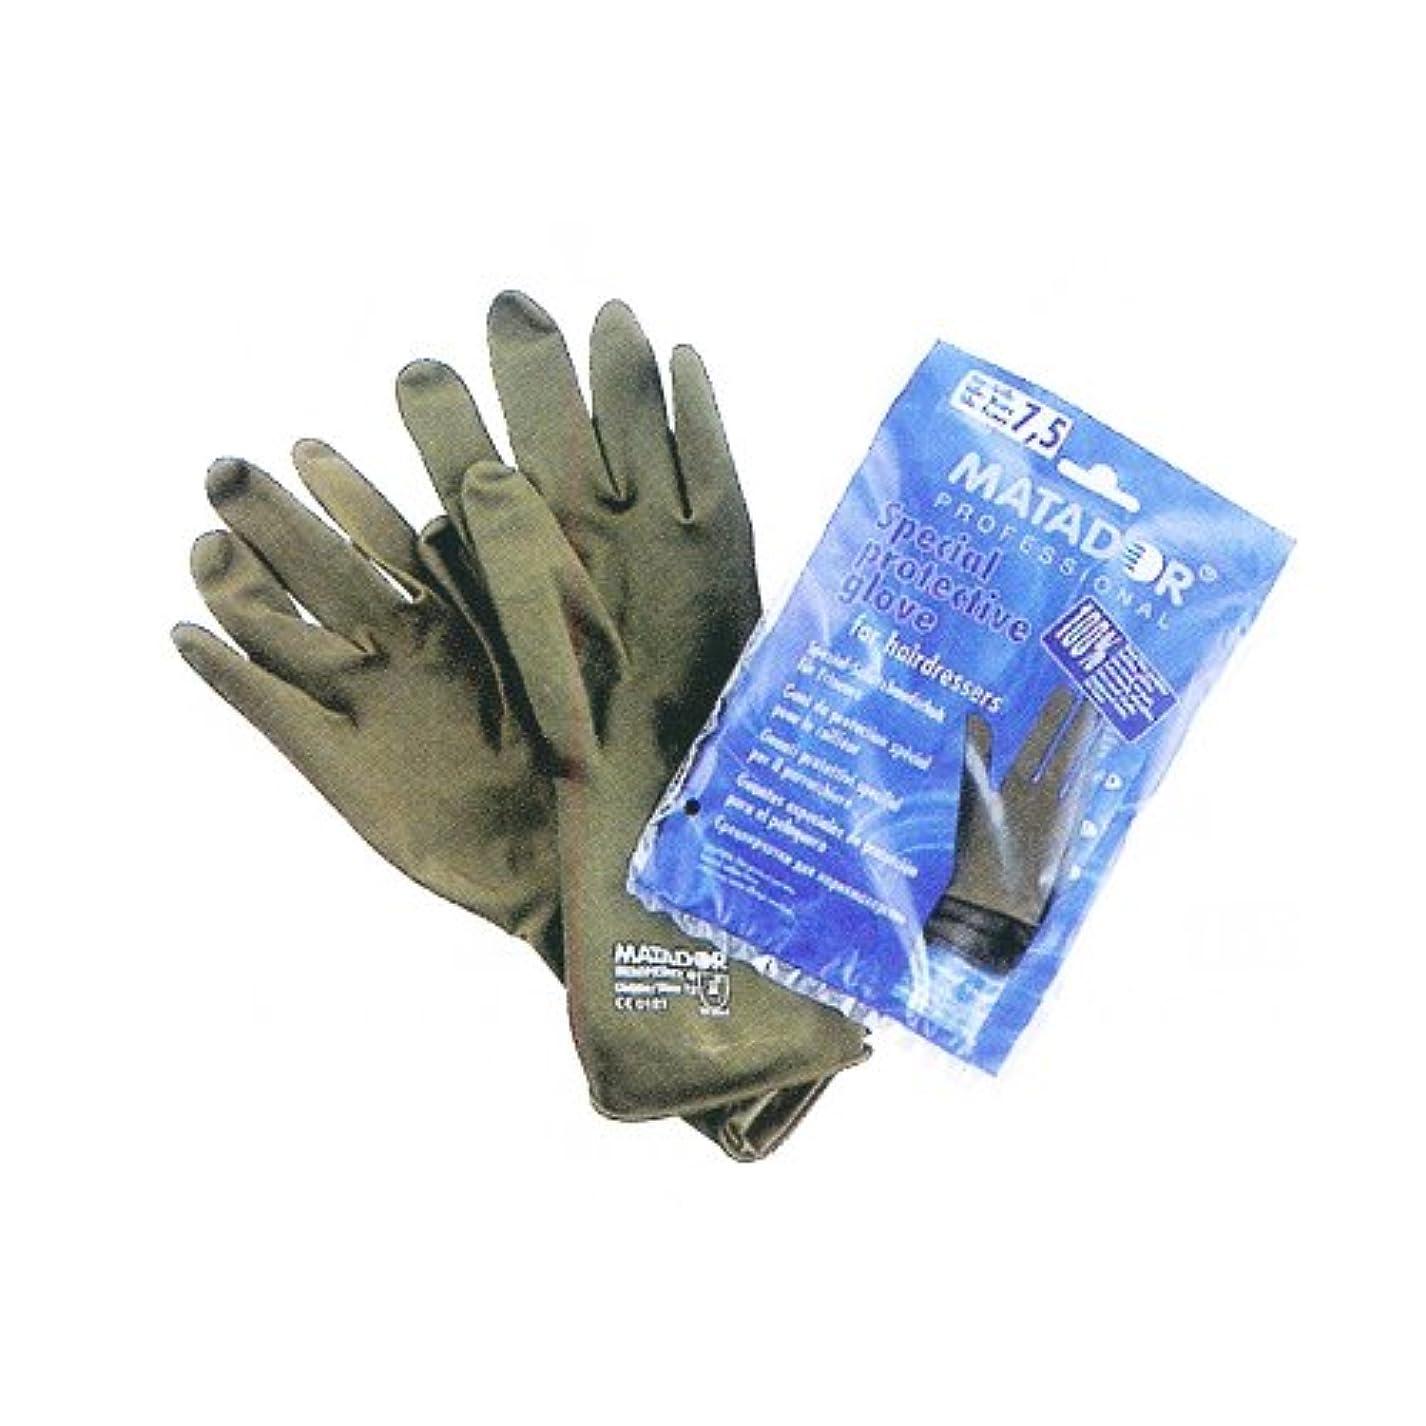 スパイラル鋸歯状可動マタドールゴム手袋 6.5吋